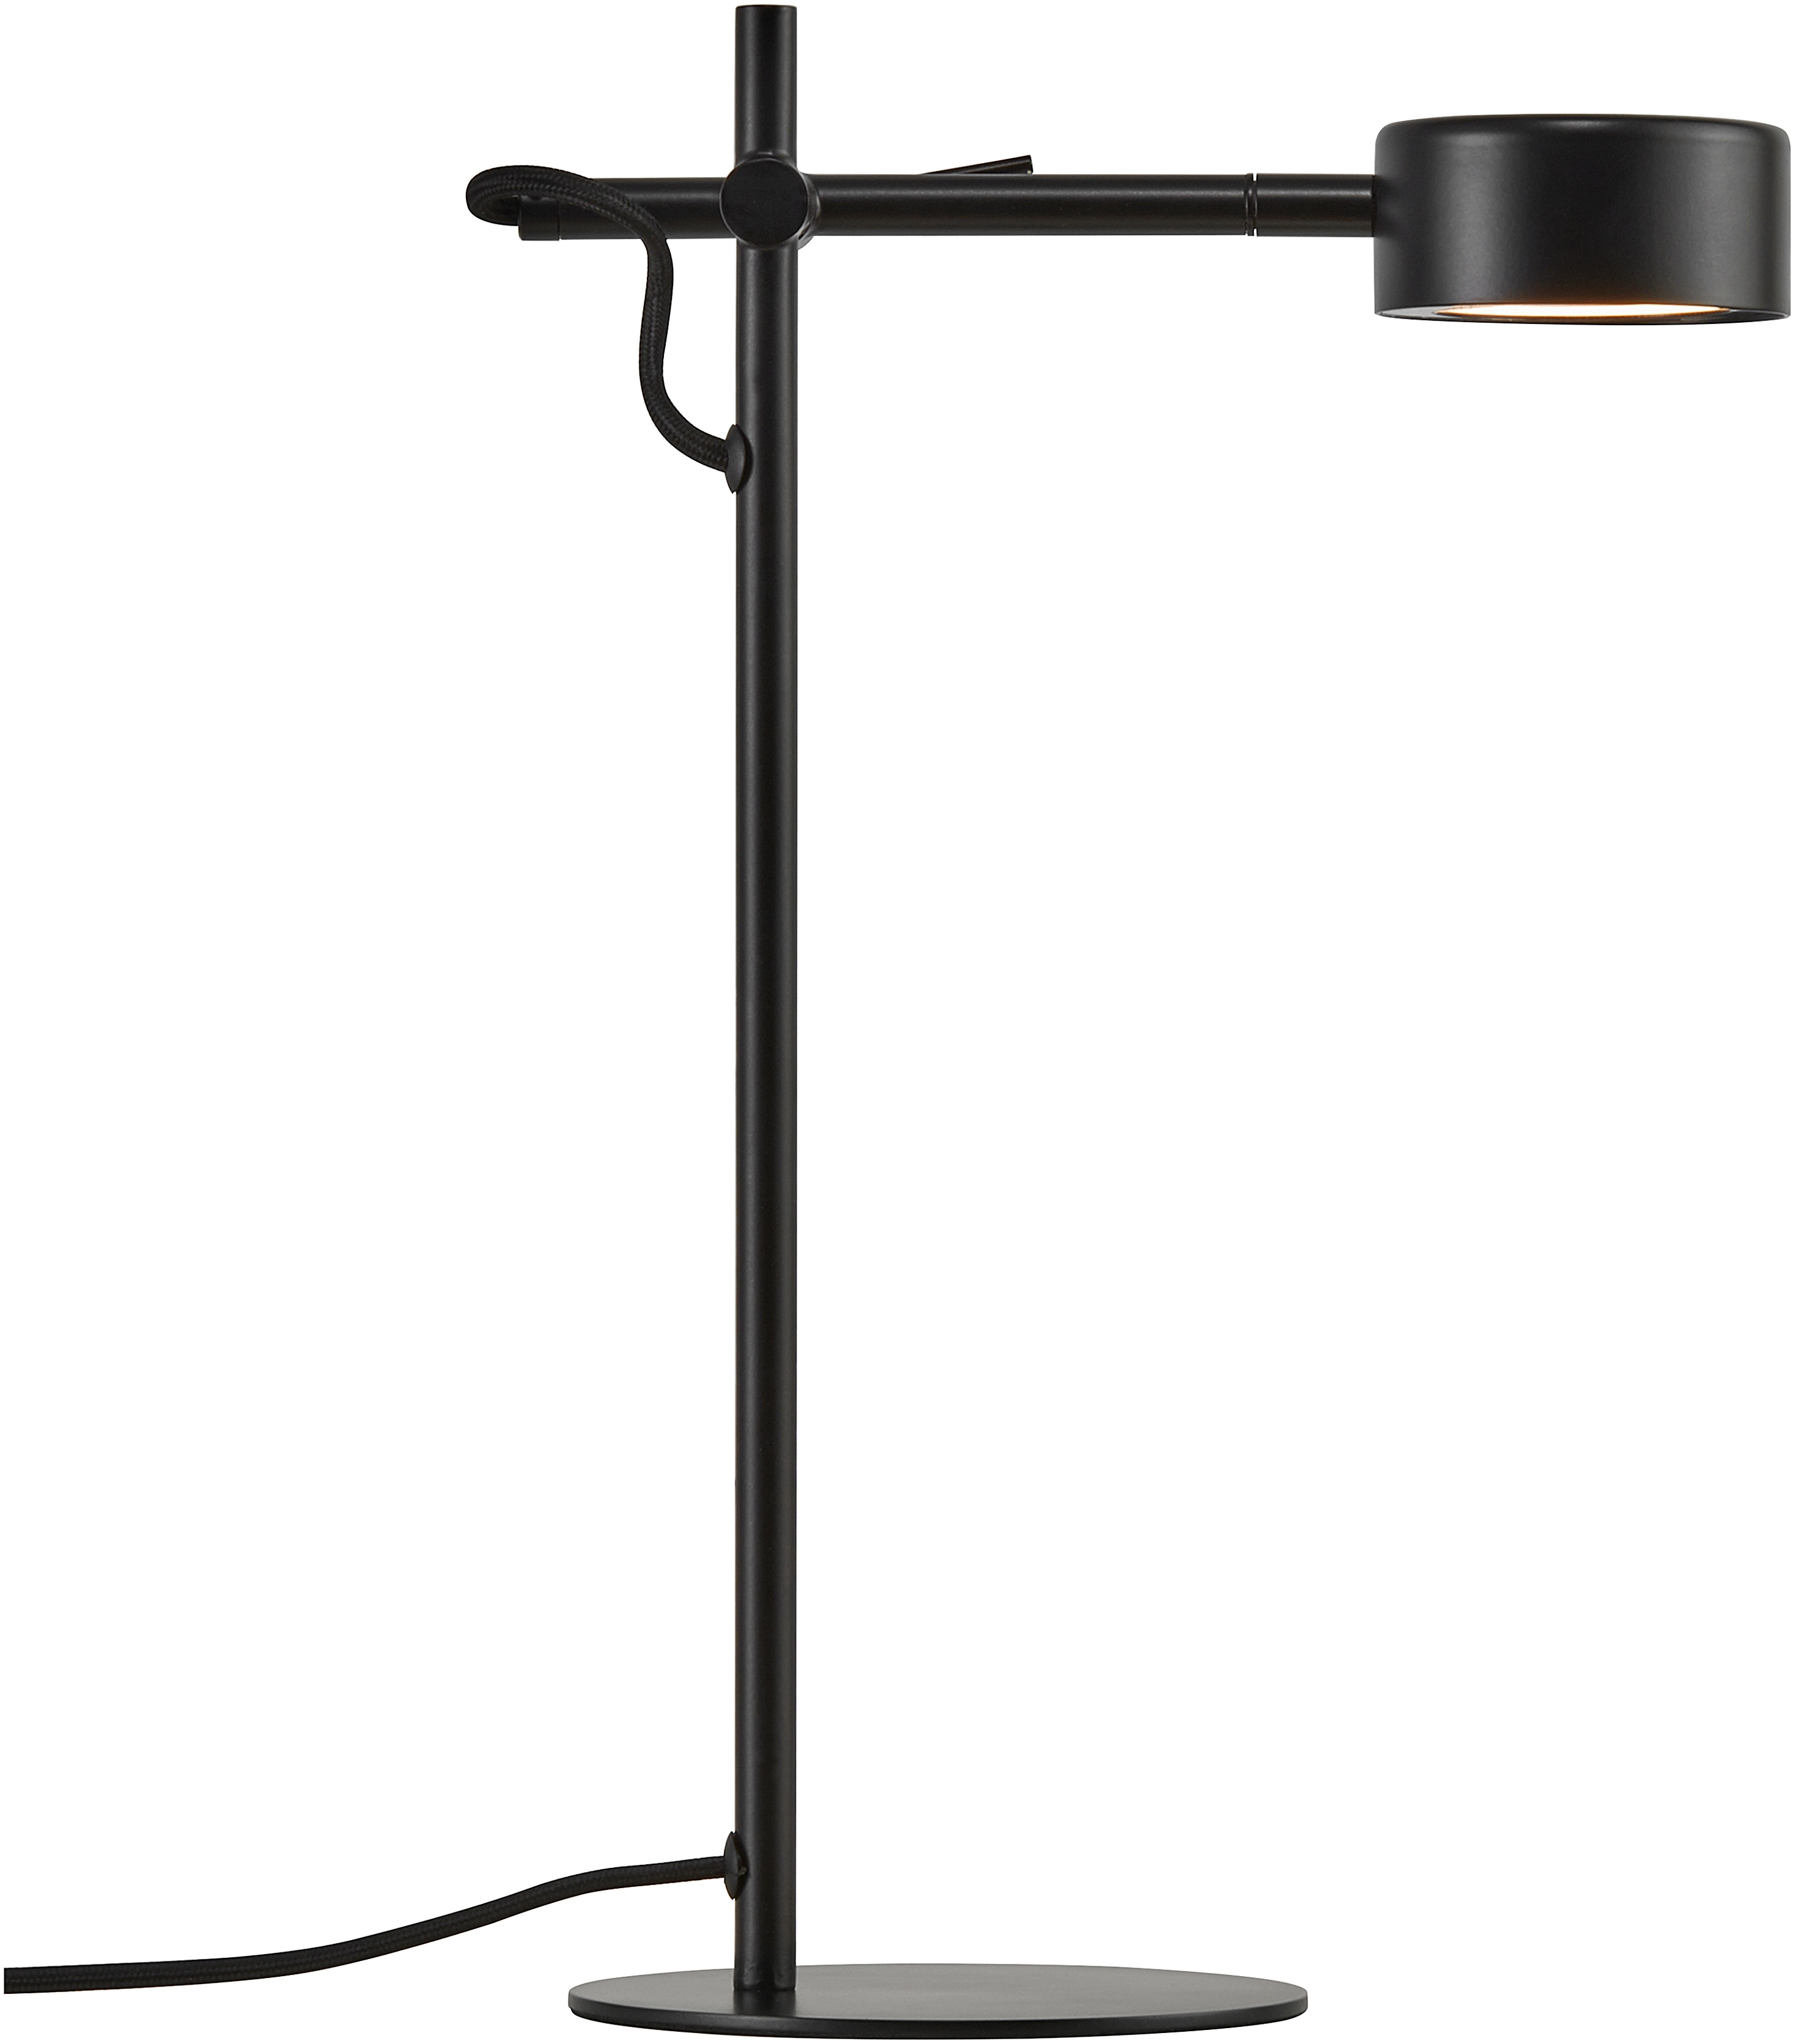 Nordlux LED Tischleuchte CLYDE, LED-Modul, Warmweiß, inkl. LED, inkl. Dimmer für Stimmungslicht, verstellbar, 5 Jahre LED Garantie